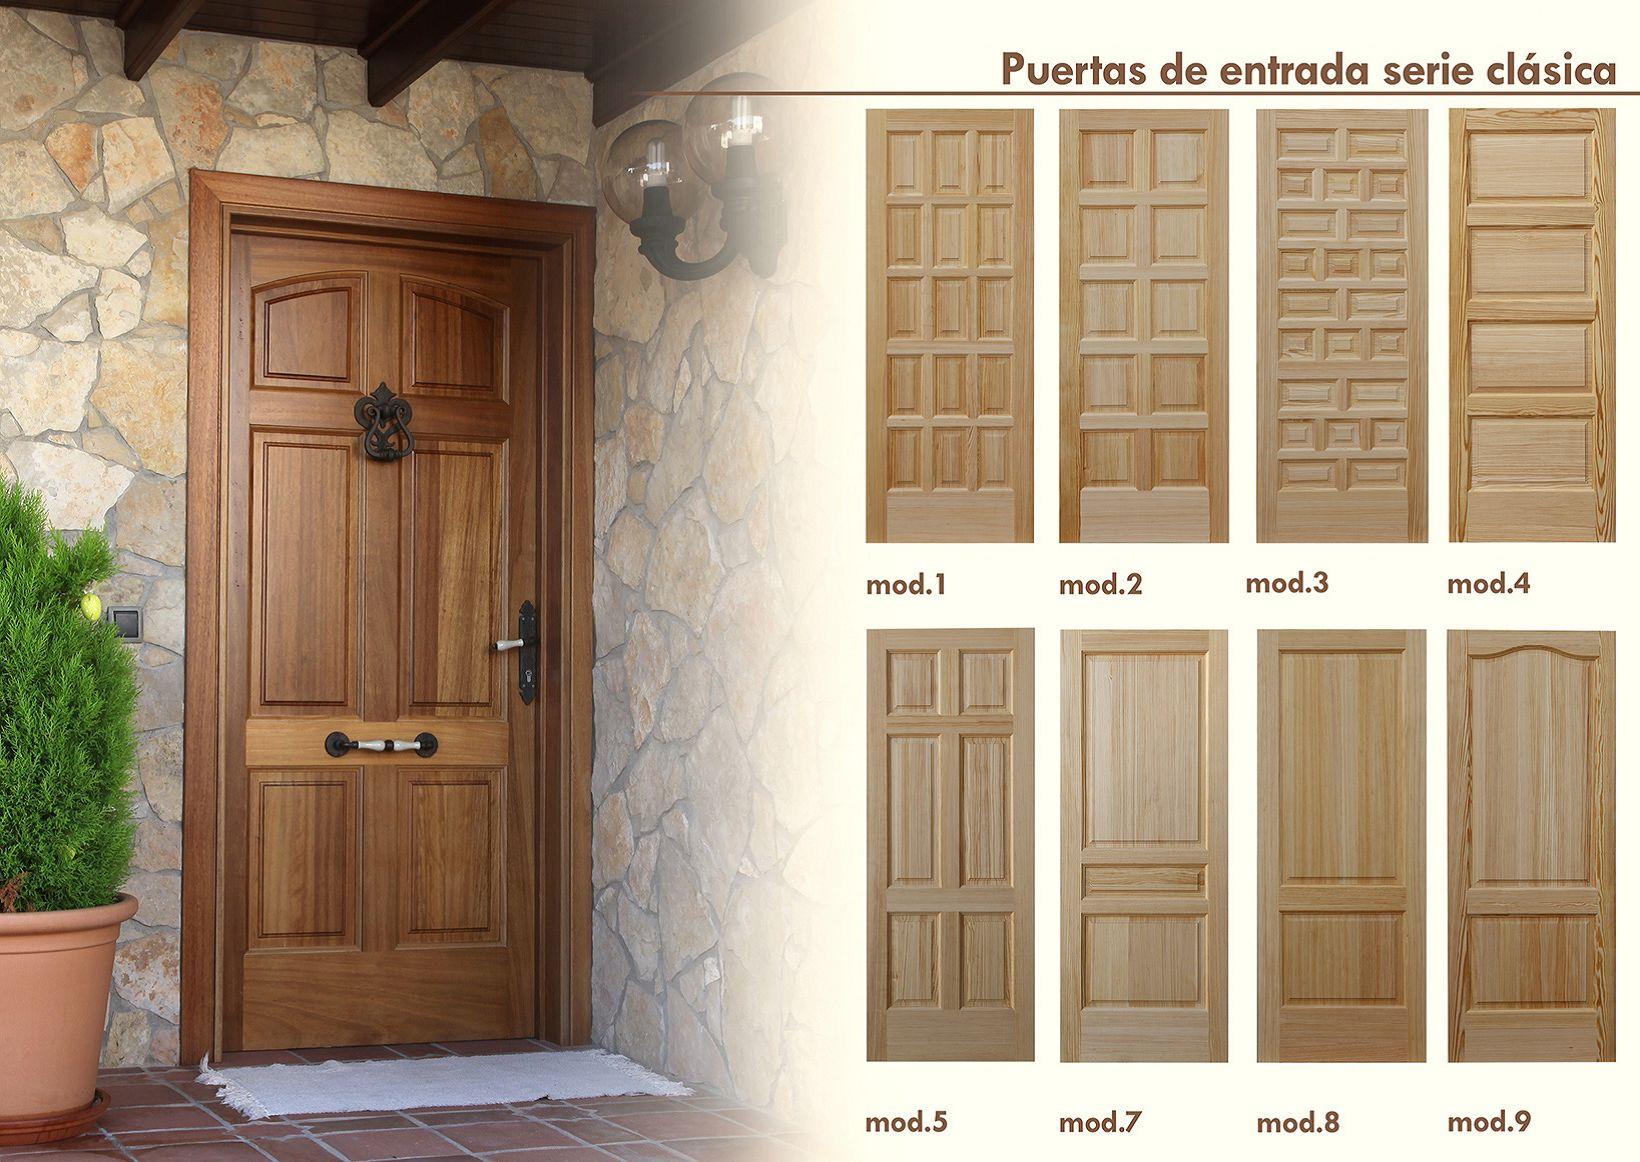 Puertas de entrada cl sicas productos de puertas miret for Puertas de entrada modernas precios